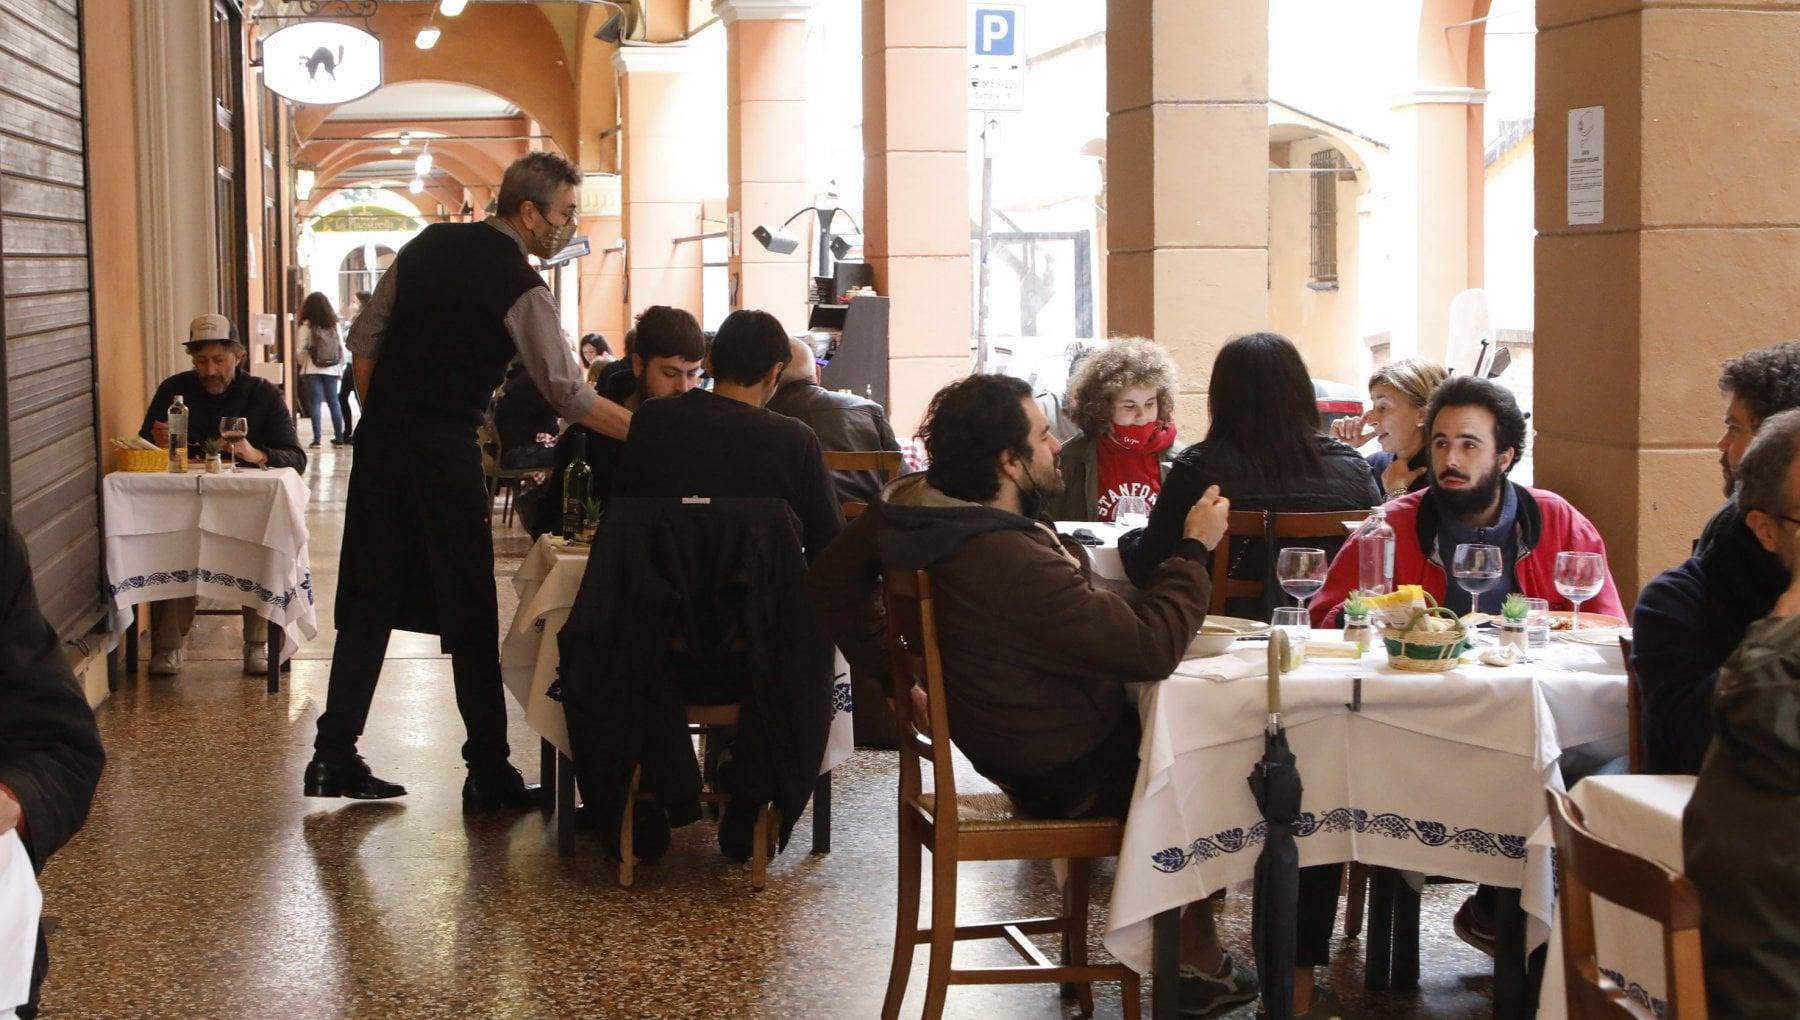 """221613361 f7b8e2a6 5b60 4226 bc1c 58d9ab089fe3 - """"Siete nazisti"""": le minacce agli chef che chiedono il Green Pass"""